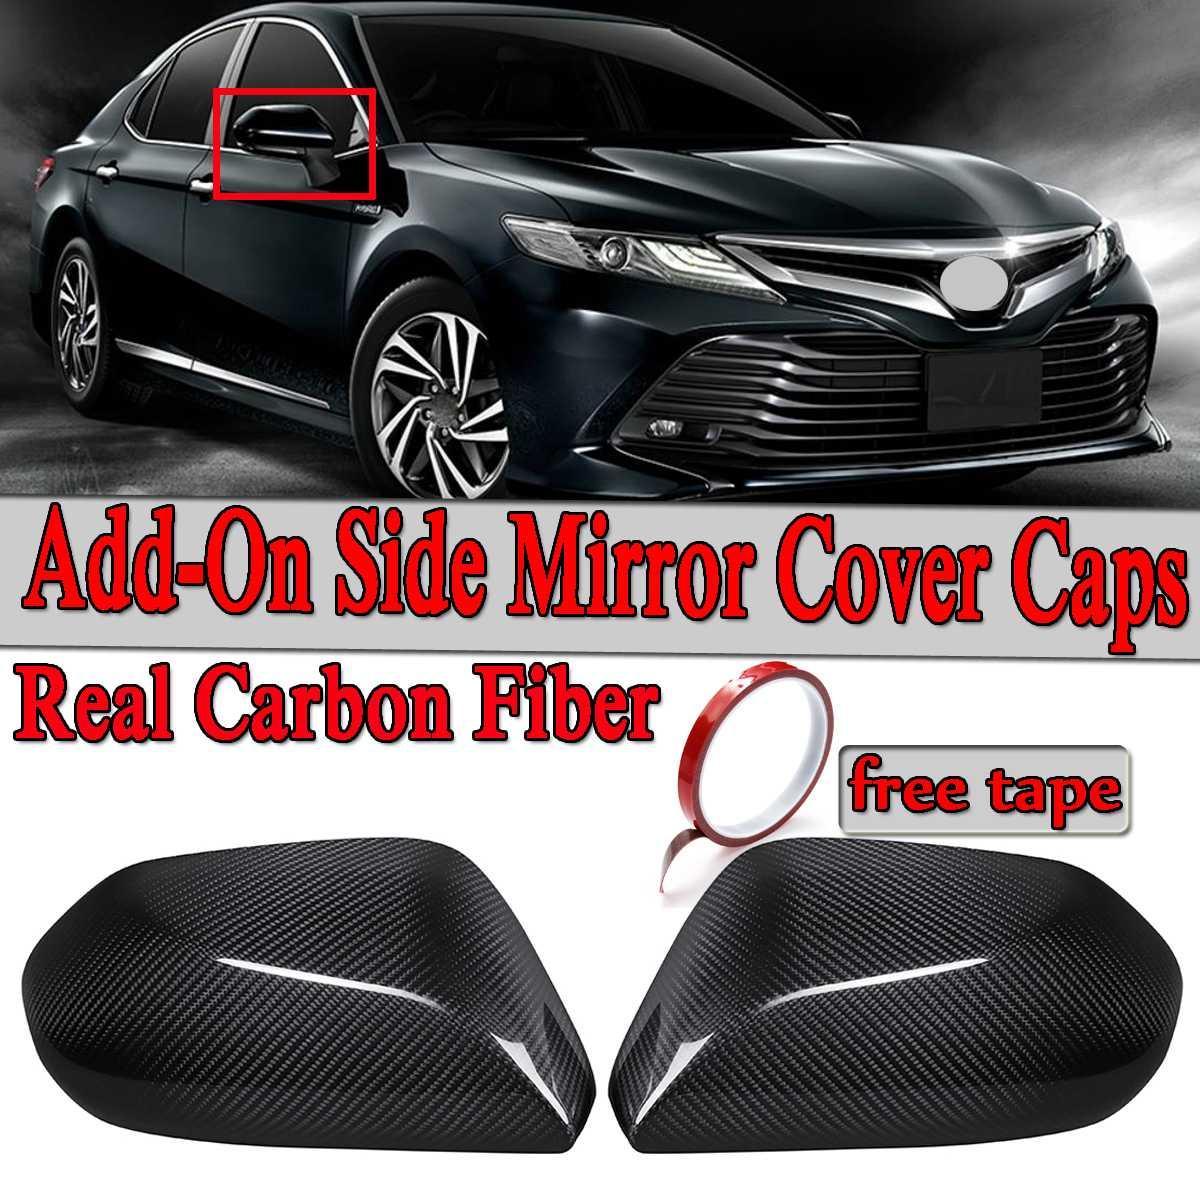 2x réel fibre de carbone Add-On voiture rétroviseur couvercle capuchons garniture autocollant s'adapte pour Toyota Camry LE SE XLE XSE 2018